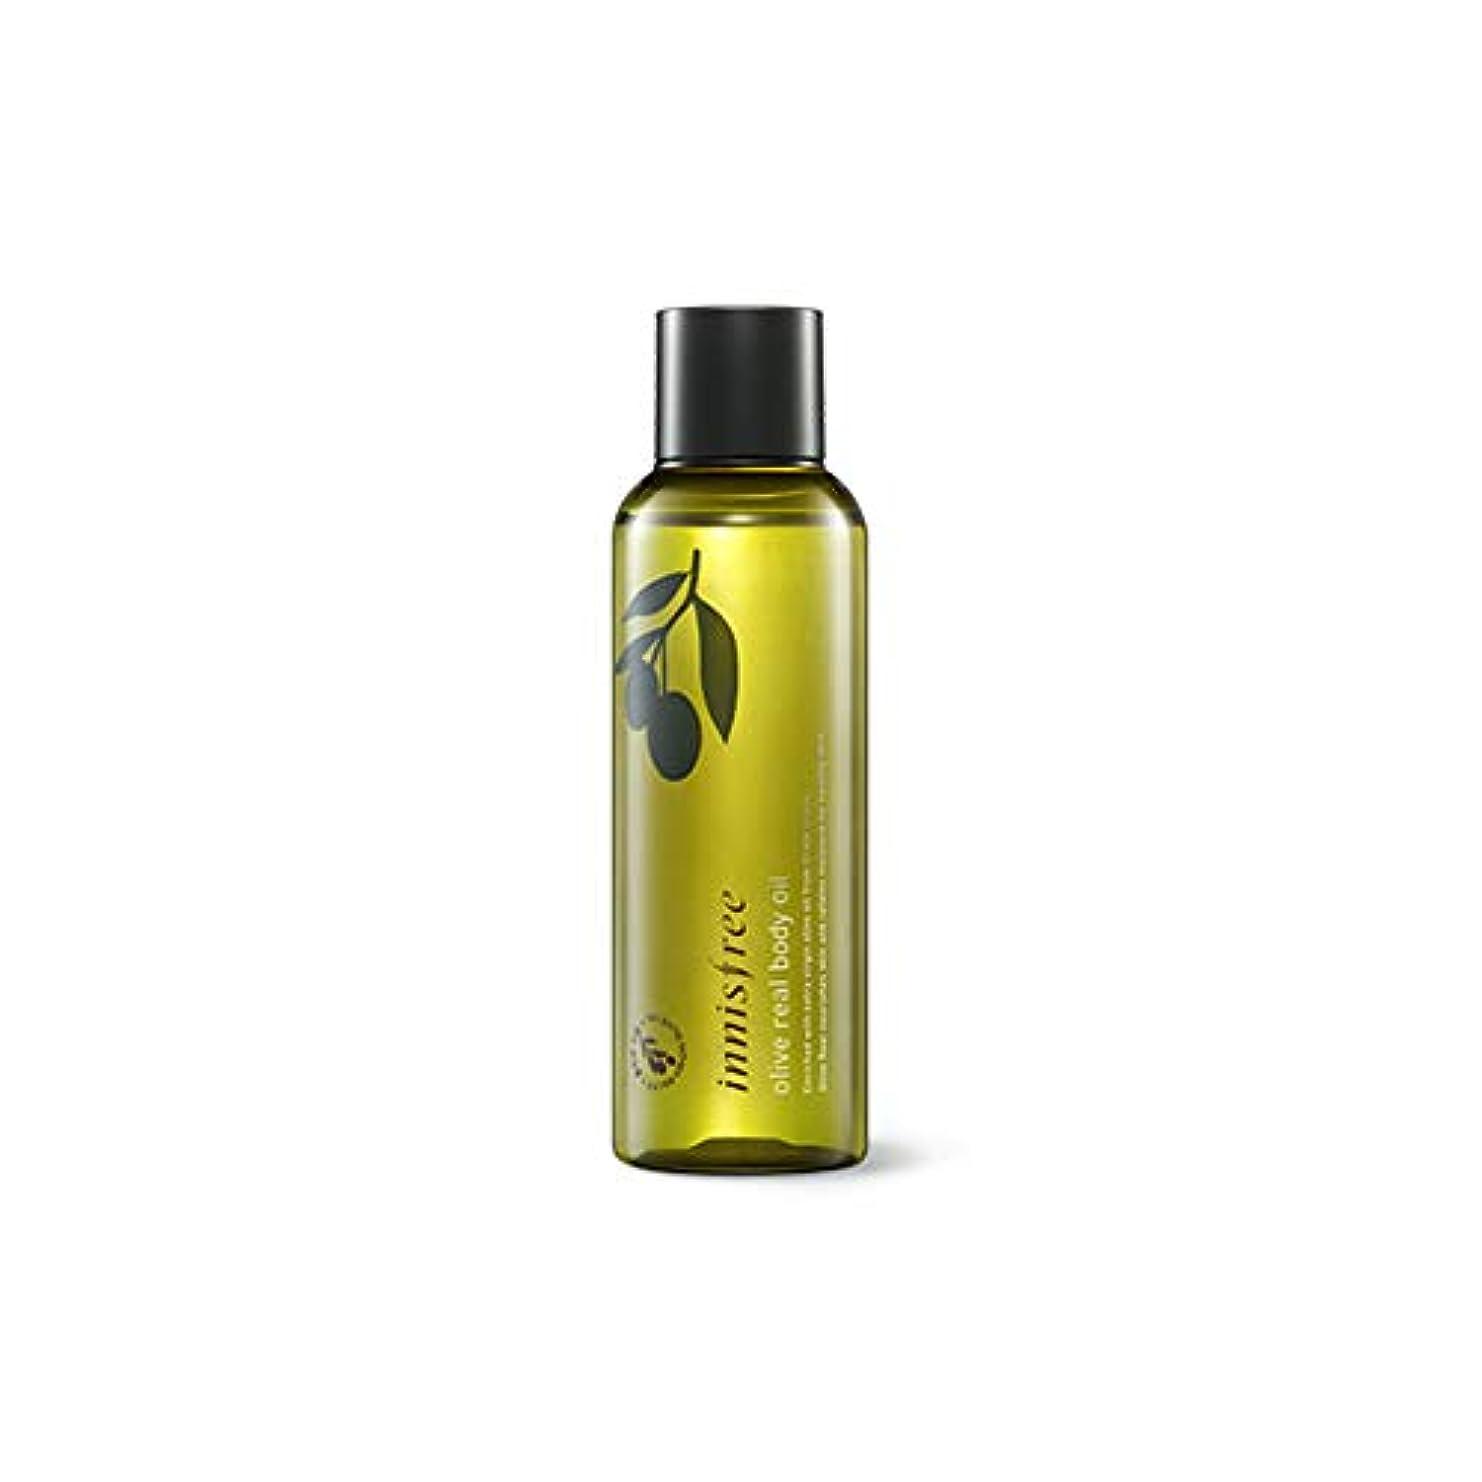 悲しい長々と名誉イニスフリー Innisfree オリーブリアルボディーオイル(150ml) Innisfree Olive Real Body Oil(150ml) [海外直送品]